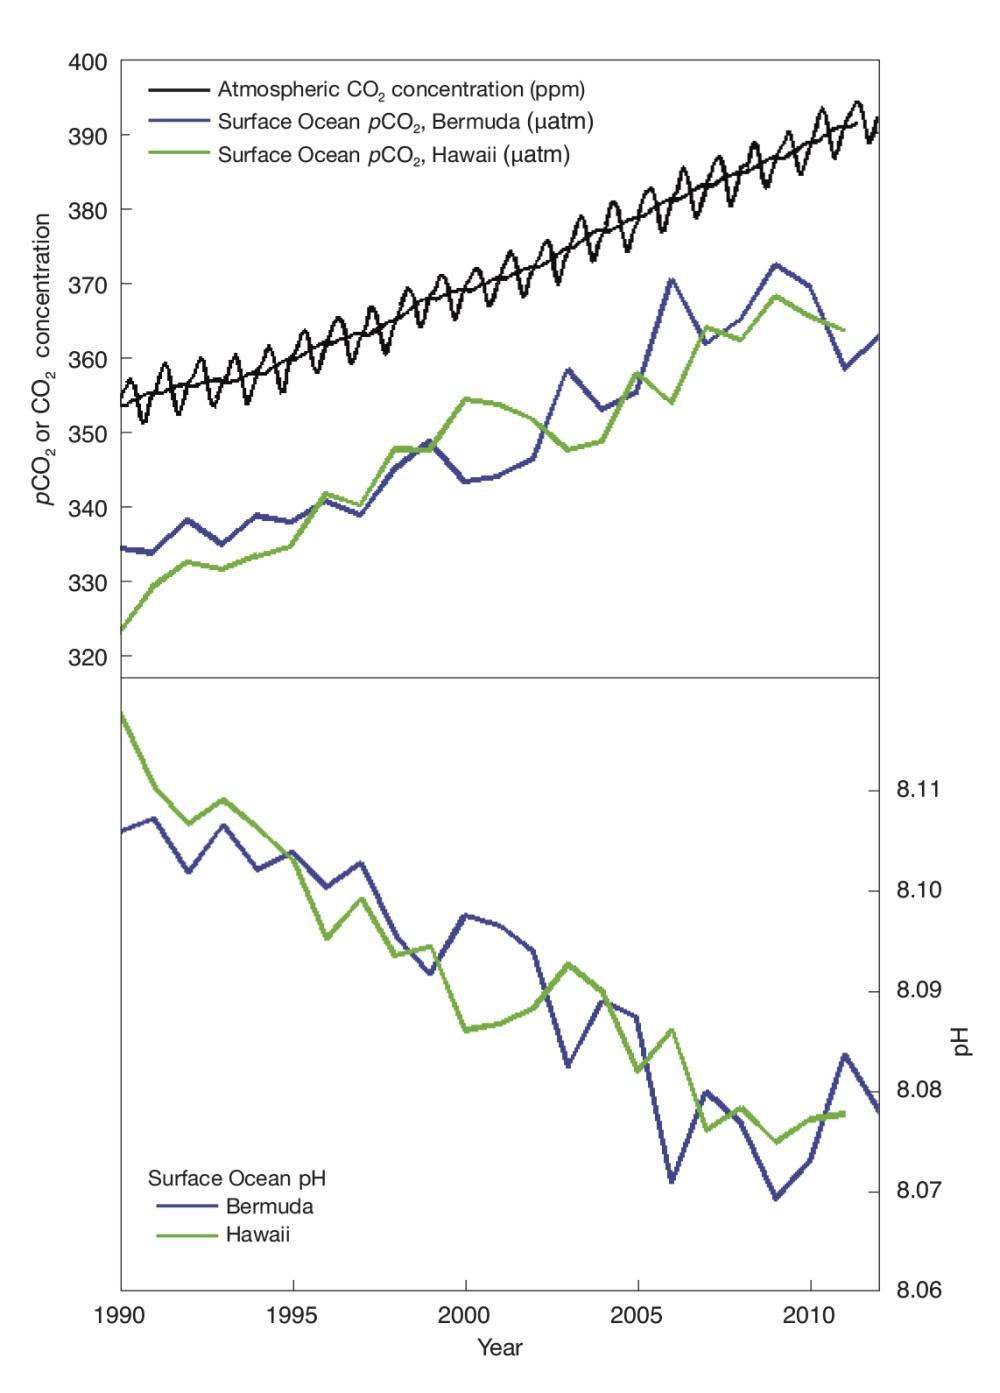 Рисунок 7. По мере увеличения уровня CO2, содержащегося ввоздухе, растёт уровень CO2 вверхних слоях океана (верхняя часть рисунка) иуменьшается pH морской воды (нижняя часть рисунка). Источники: за основу взяты Dore et al. (2009) иBates et al. (2012)